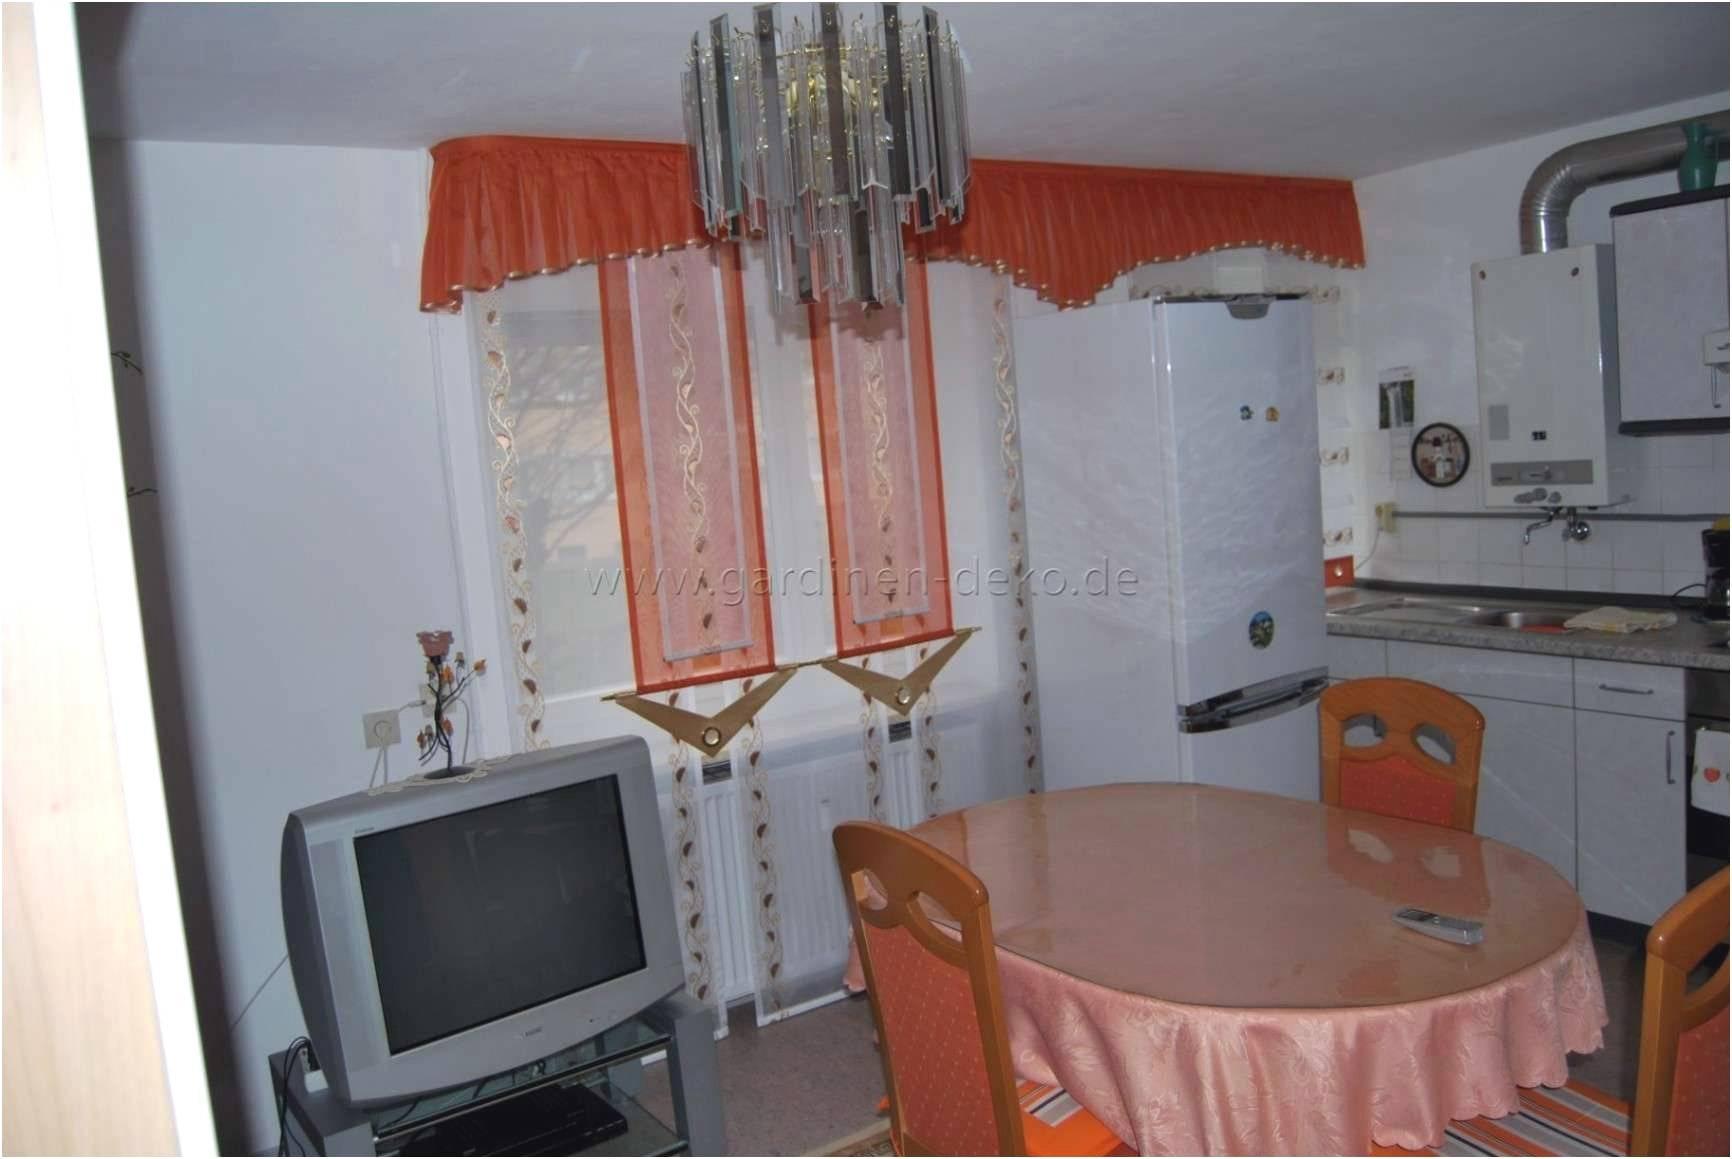 lichterkette wohnzimmer deko new luxus deko tapete mit lichterkette wand ideen schlafzimmer wand of lichterkette wohnzimmer deko